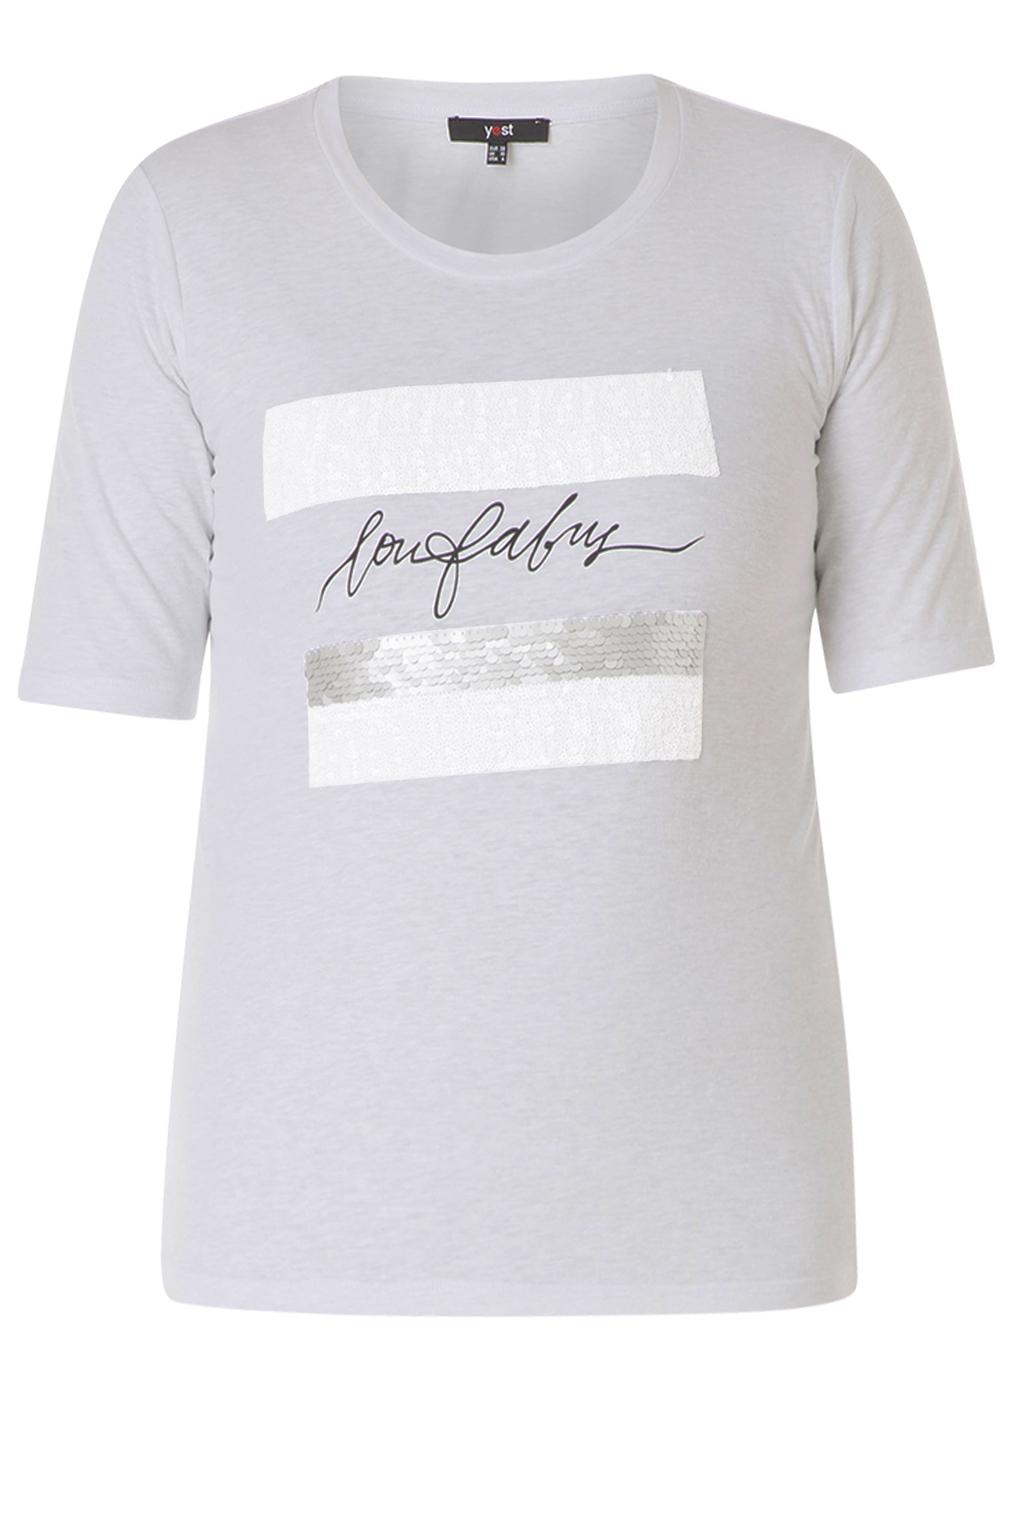 Shirt Gospel Yesta 64 CM